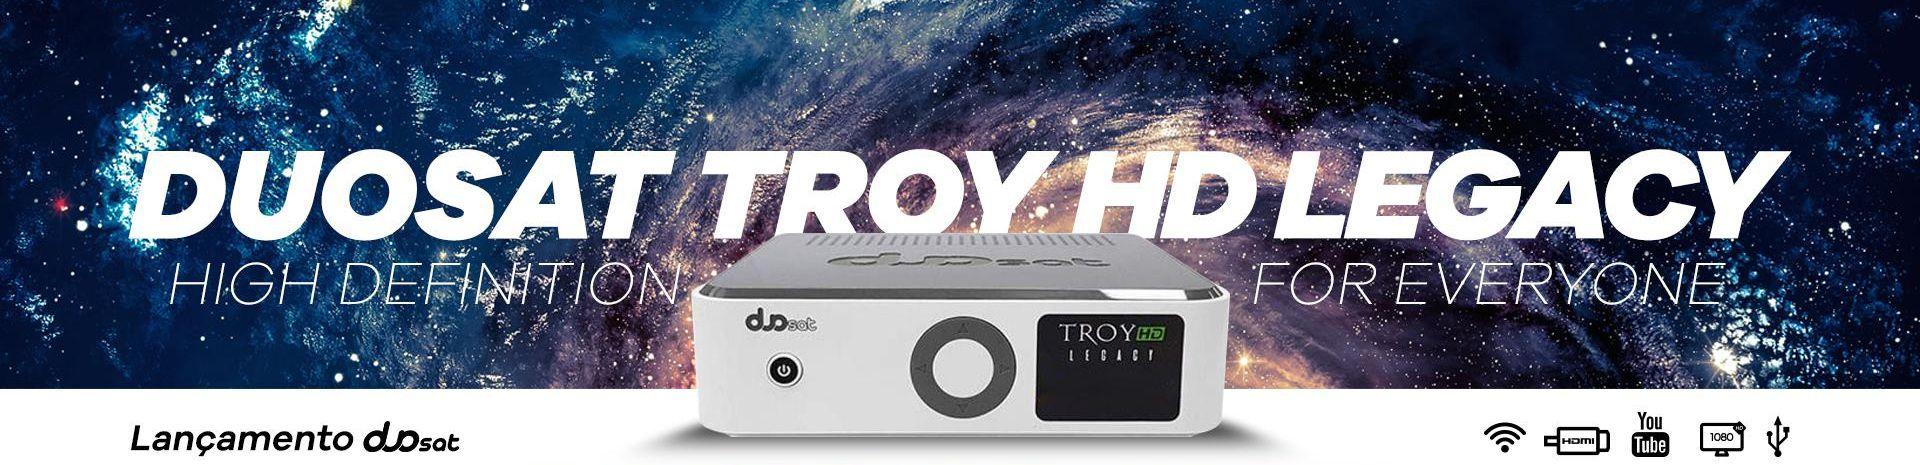 Troy Legacy